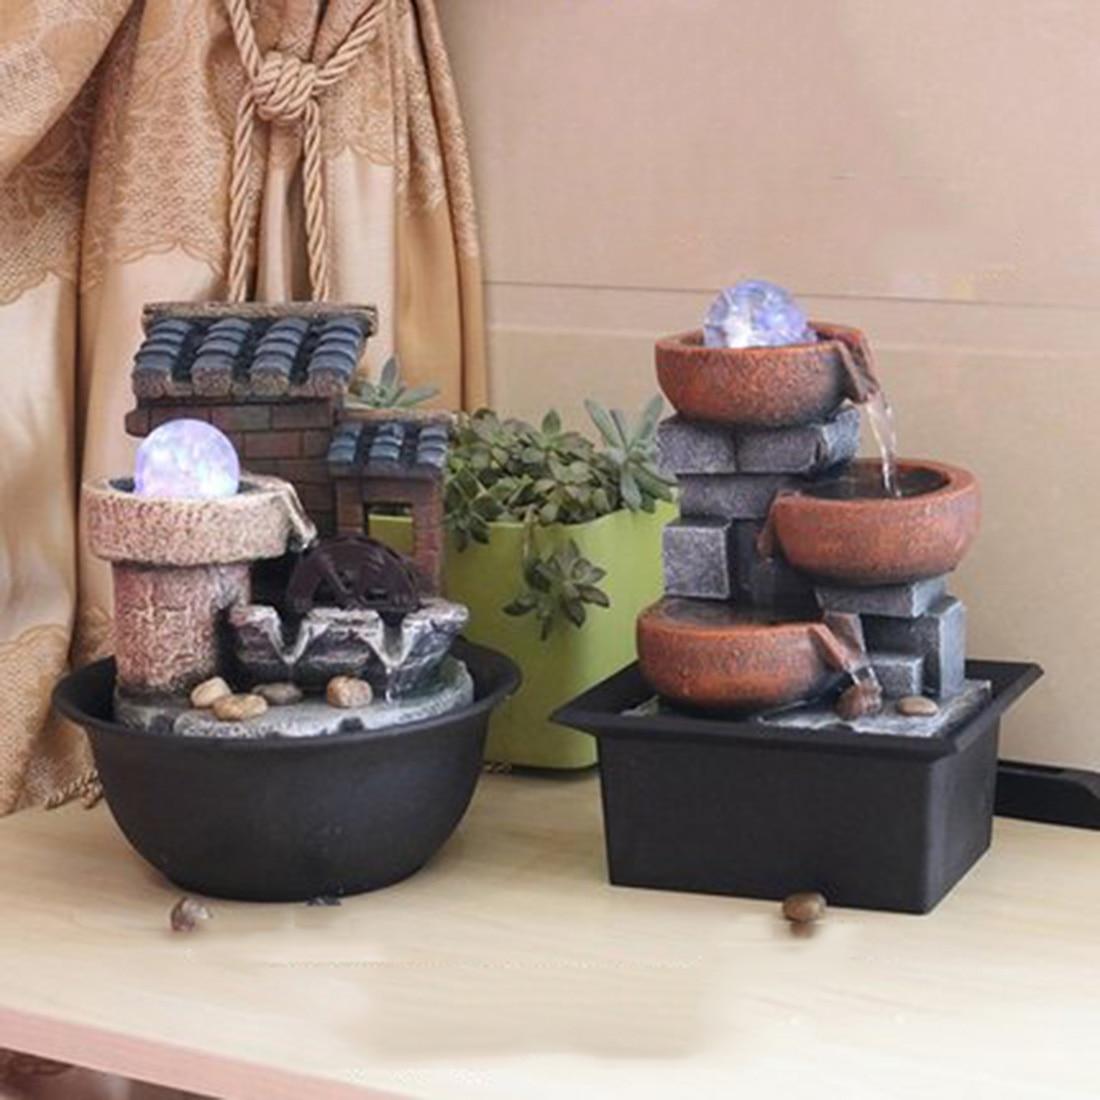 Créatif intérieur fontaines d'eau Feng Shui résine artisanat cadeaux intérieur fontaine fontaine interieur bureau décor accessoires-in Figurines et miniatures from Maison & Animalerie    1